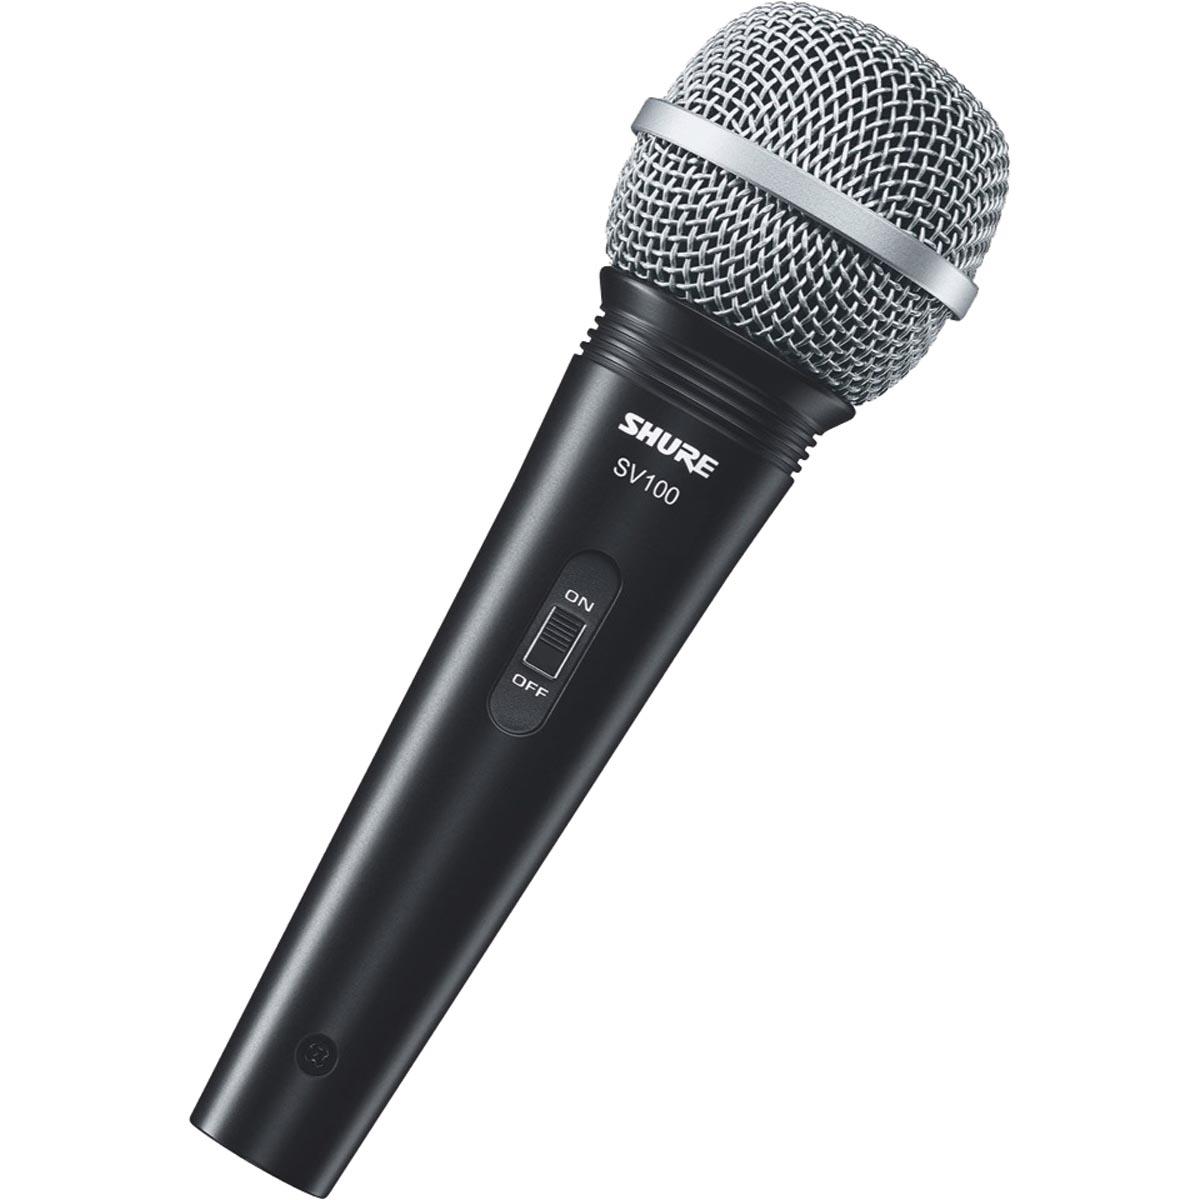 MICROFONE PROFISSIONAL VOCAL COM FIO SV100 COM CABO 4,5 METROS